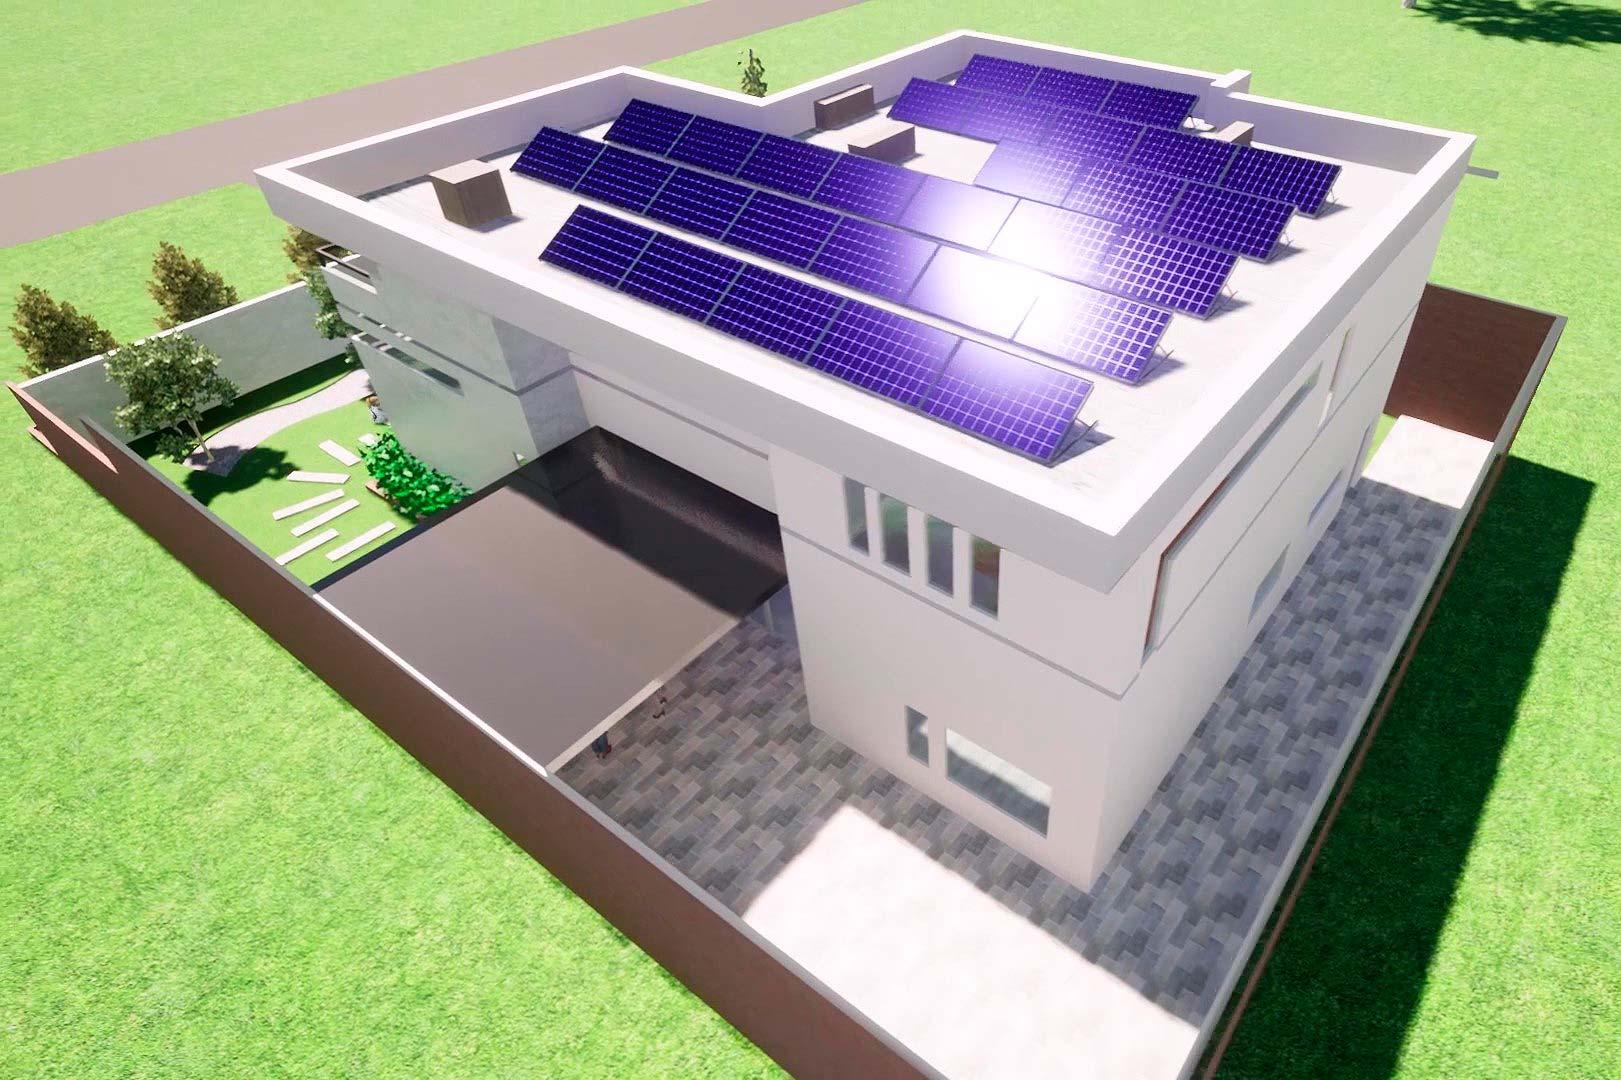 Начато проектирование современной системы энергообеспечения для коттеджного городка